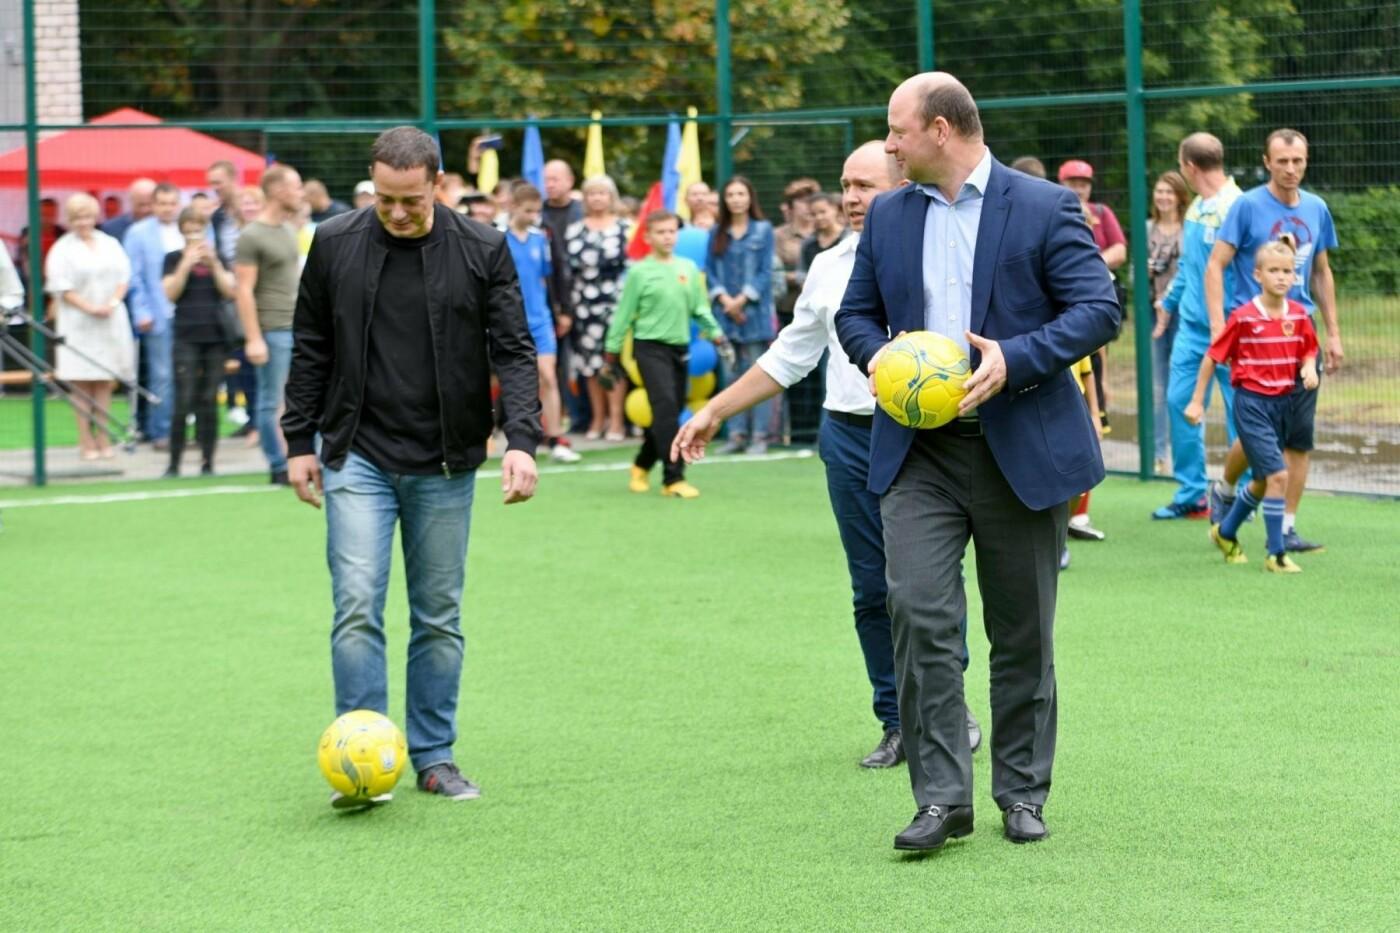 В школе №26 открыли новое футбольное поле, фото-1